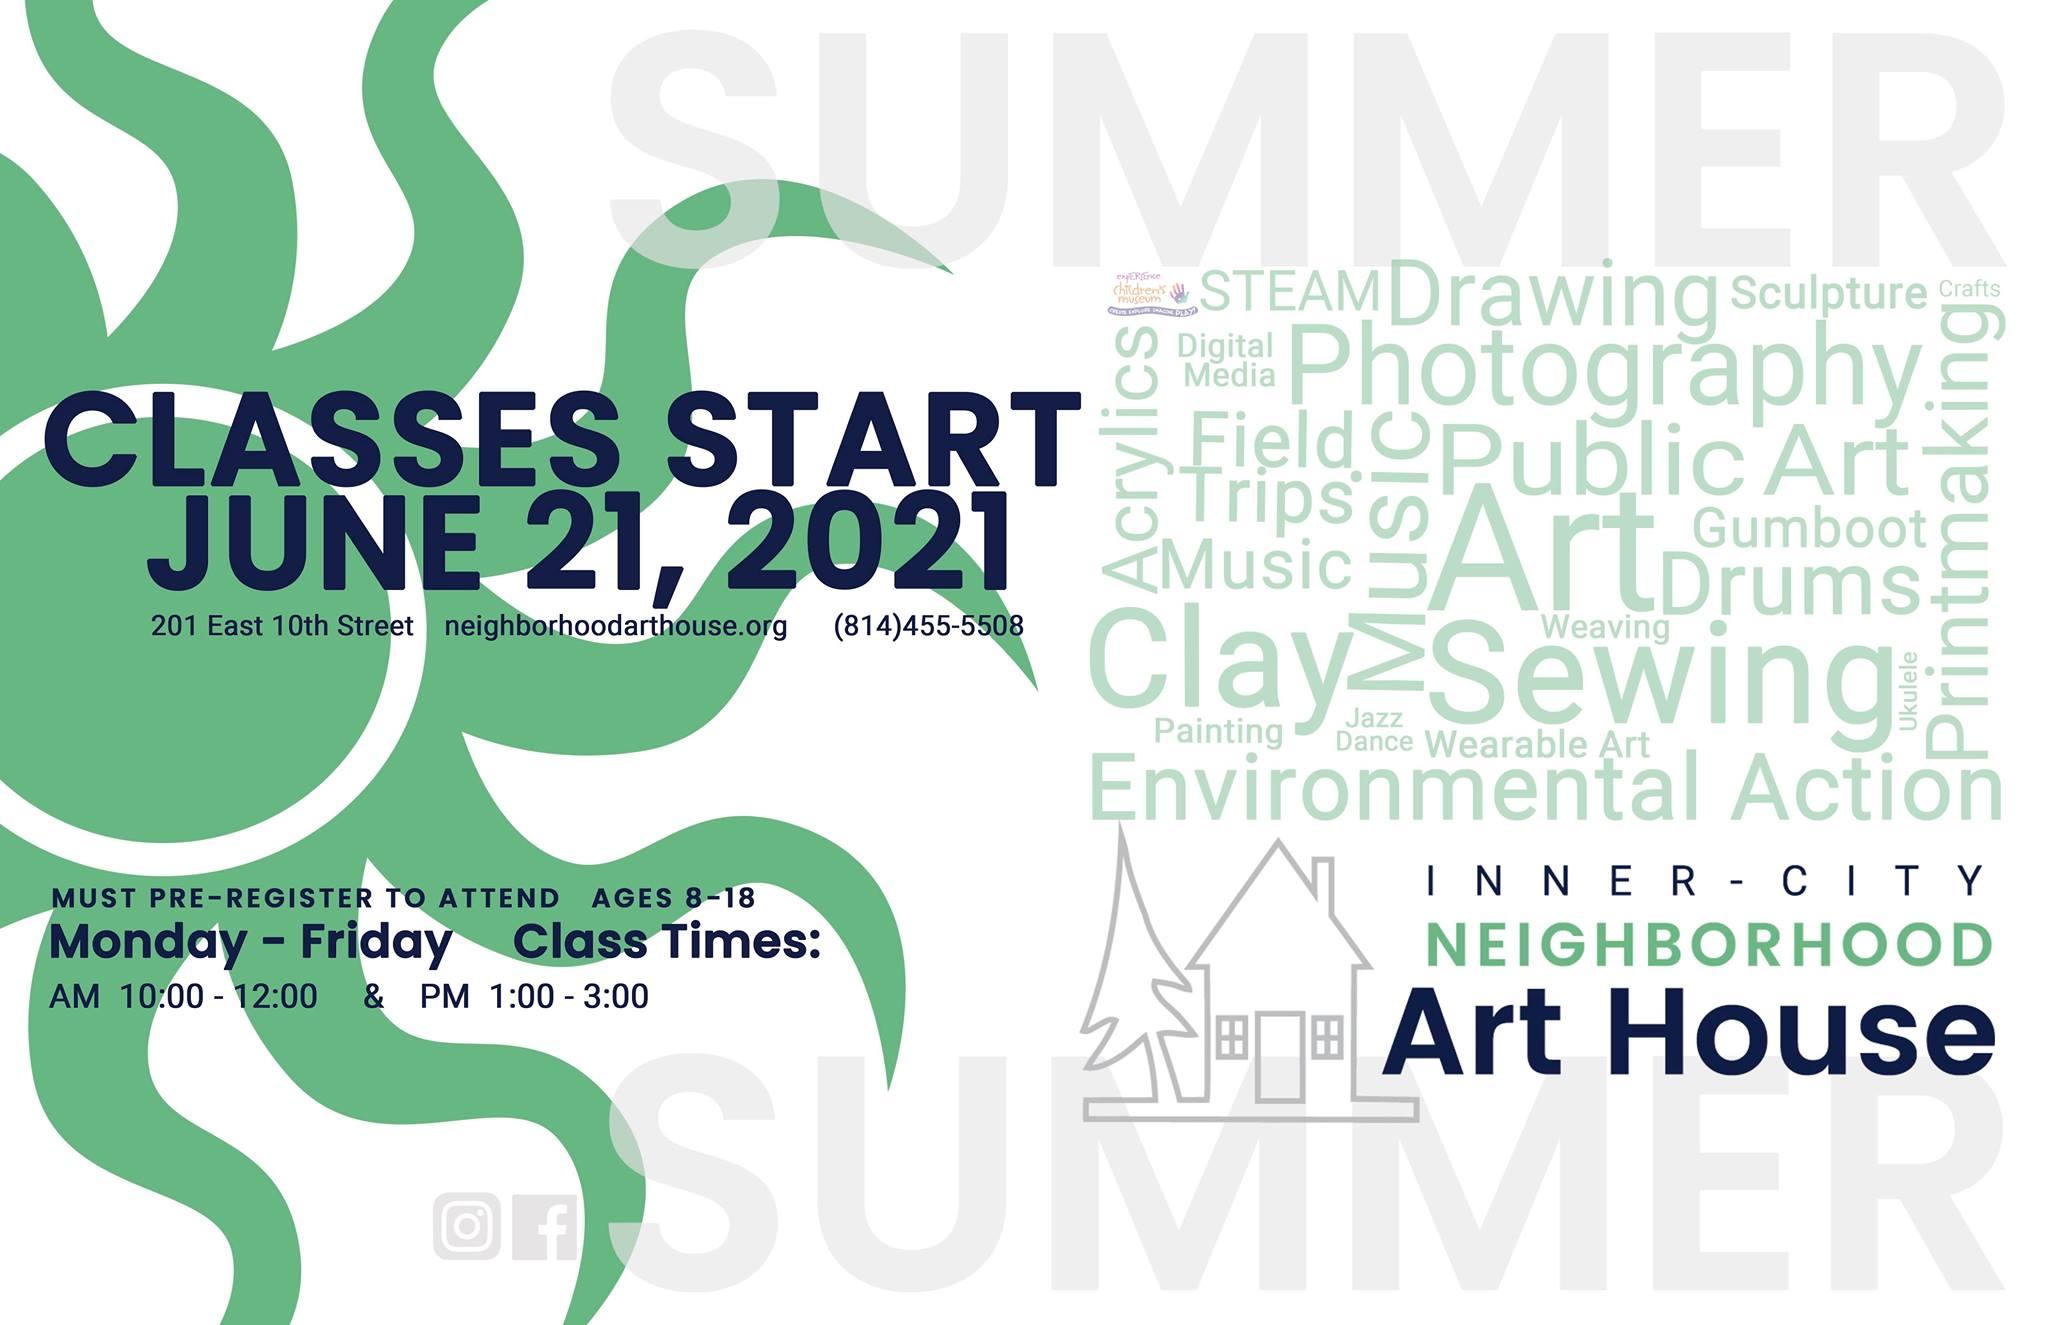 Registration for the Free Summer Day Program for Inner-City Children in Erie